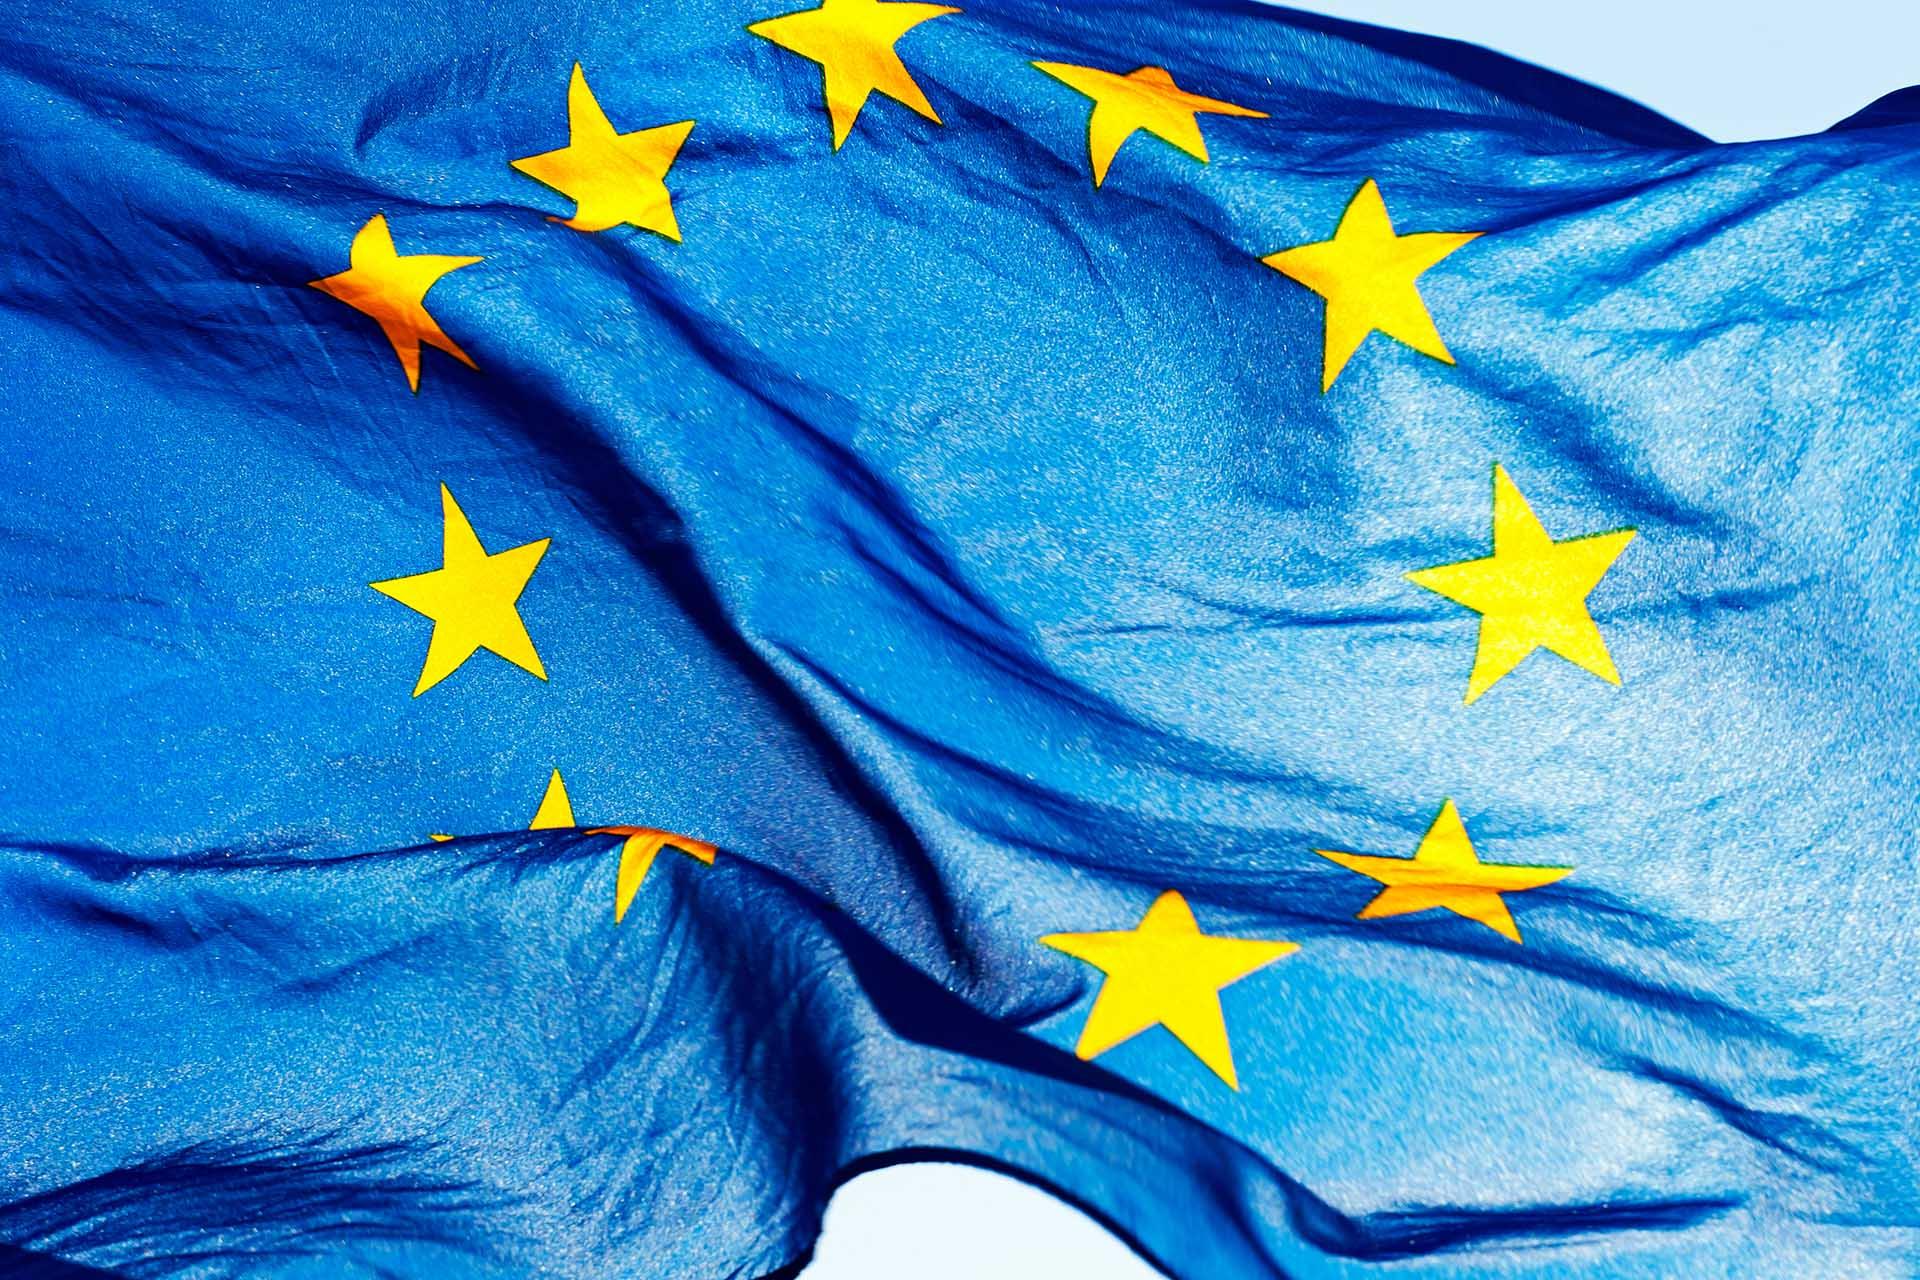 Komisja Europejska udostępnia wytyczne pomocne w zwiększeniu produkcji podstawowego sprzętu medycznego